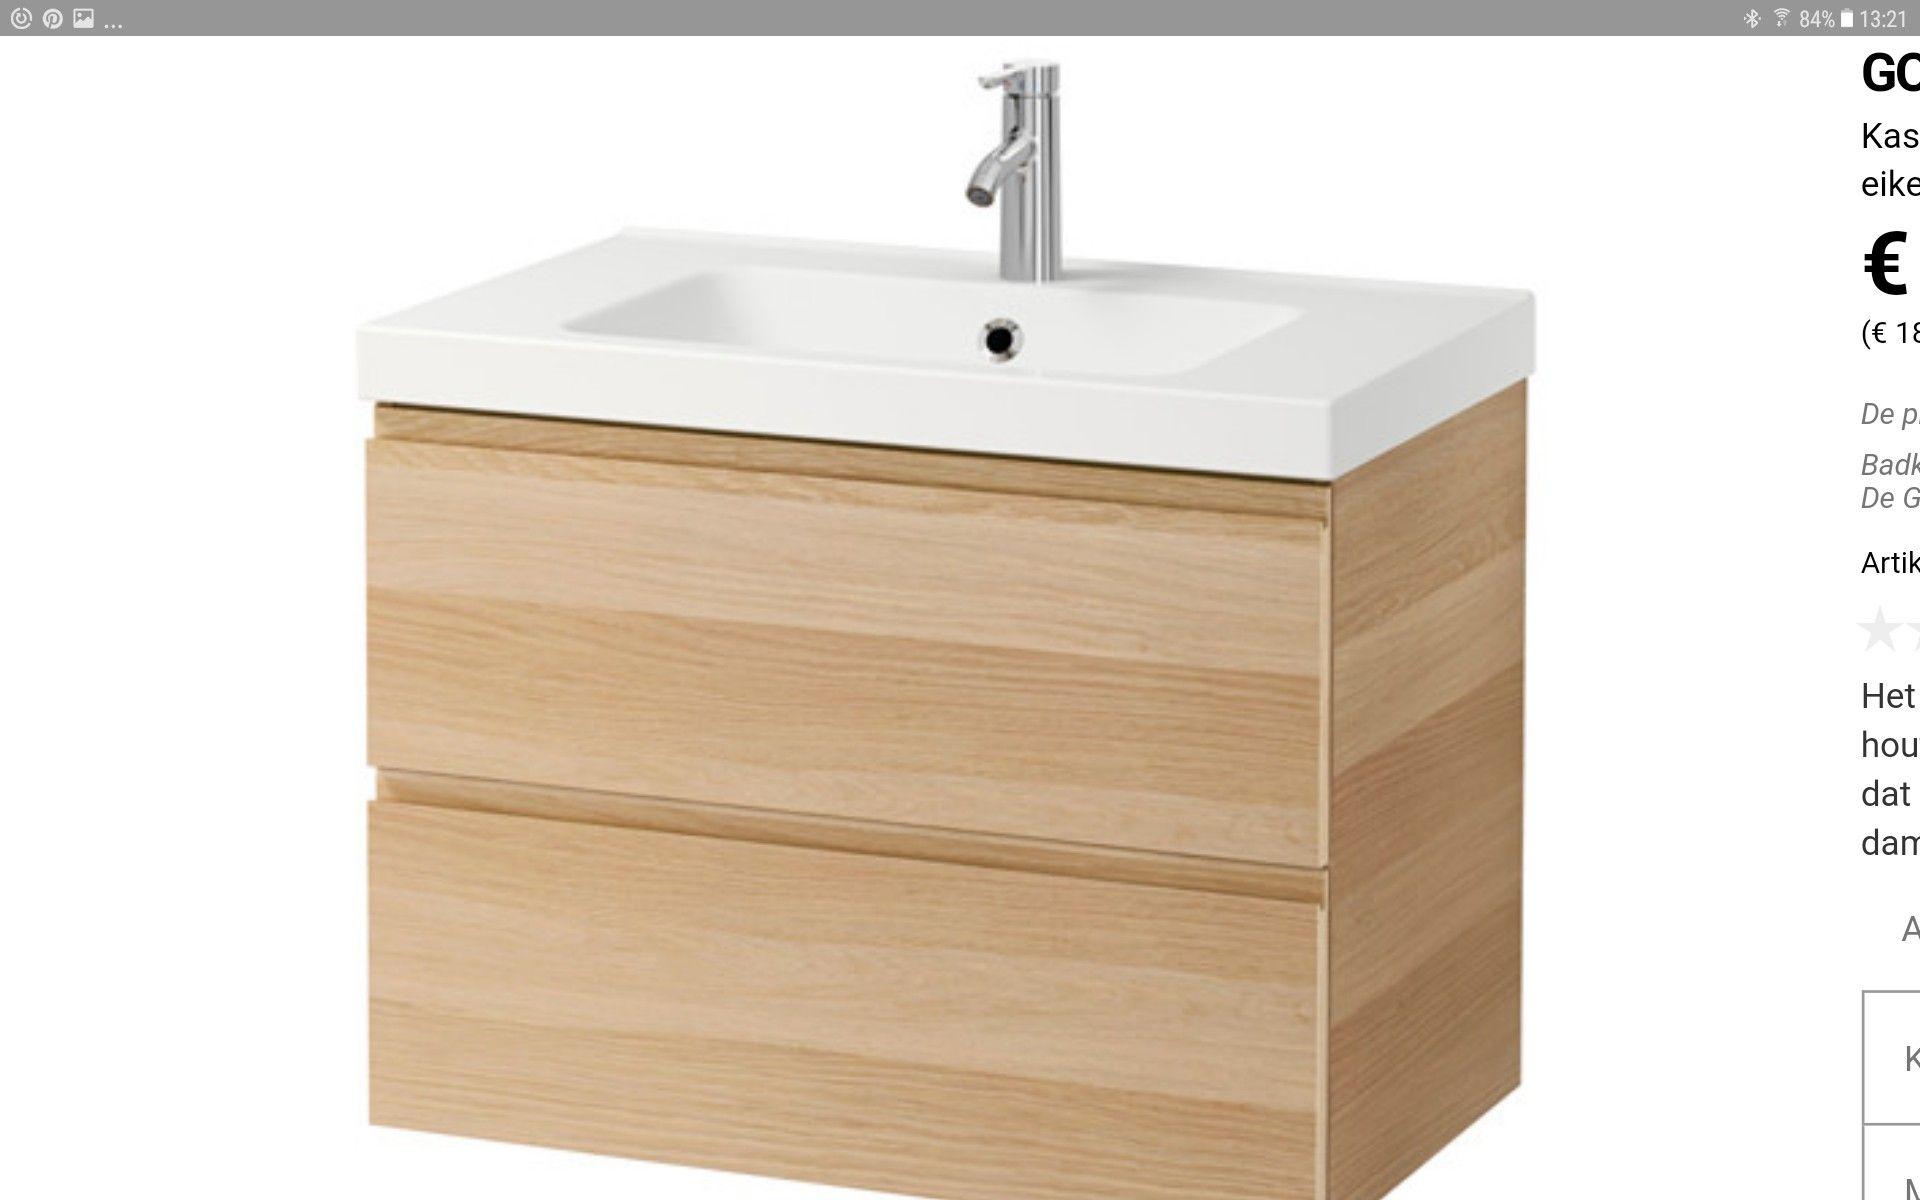 Wastafel Met Onderkast : Nieuwe wastafel met onderkast badkamer abt ludolf